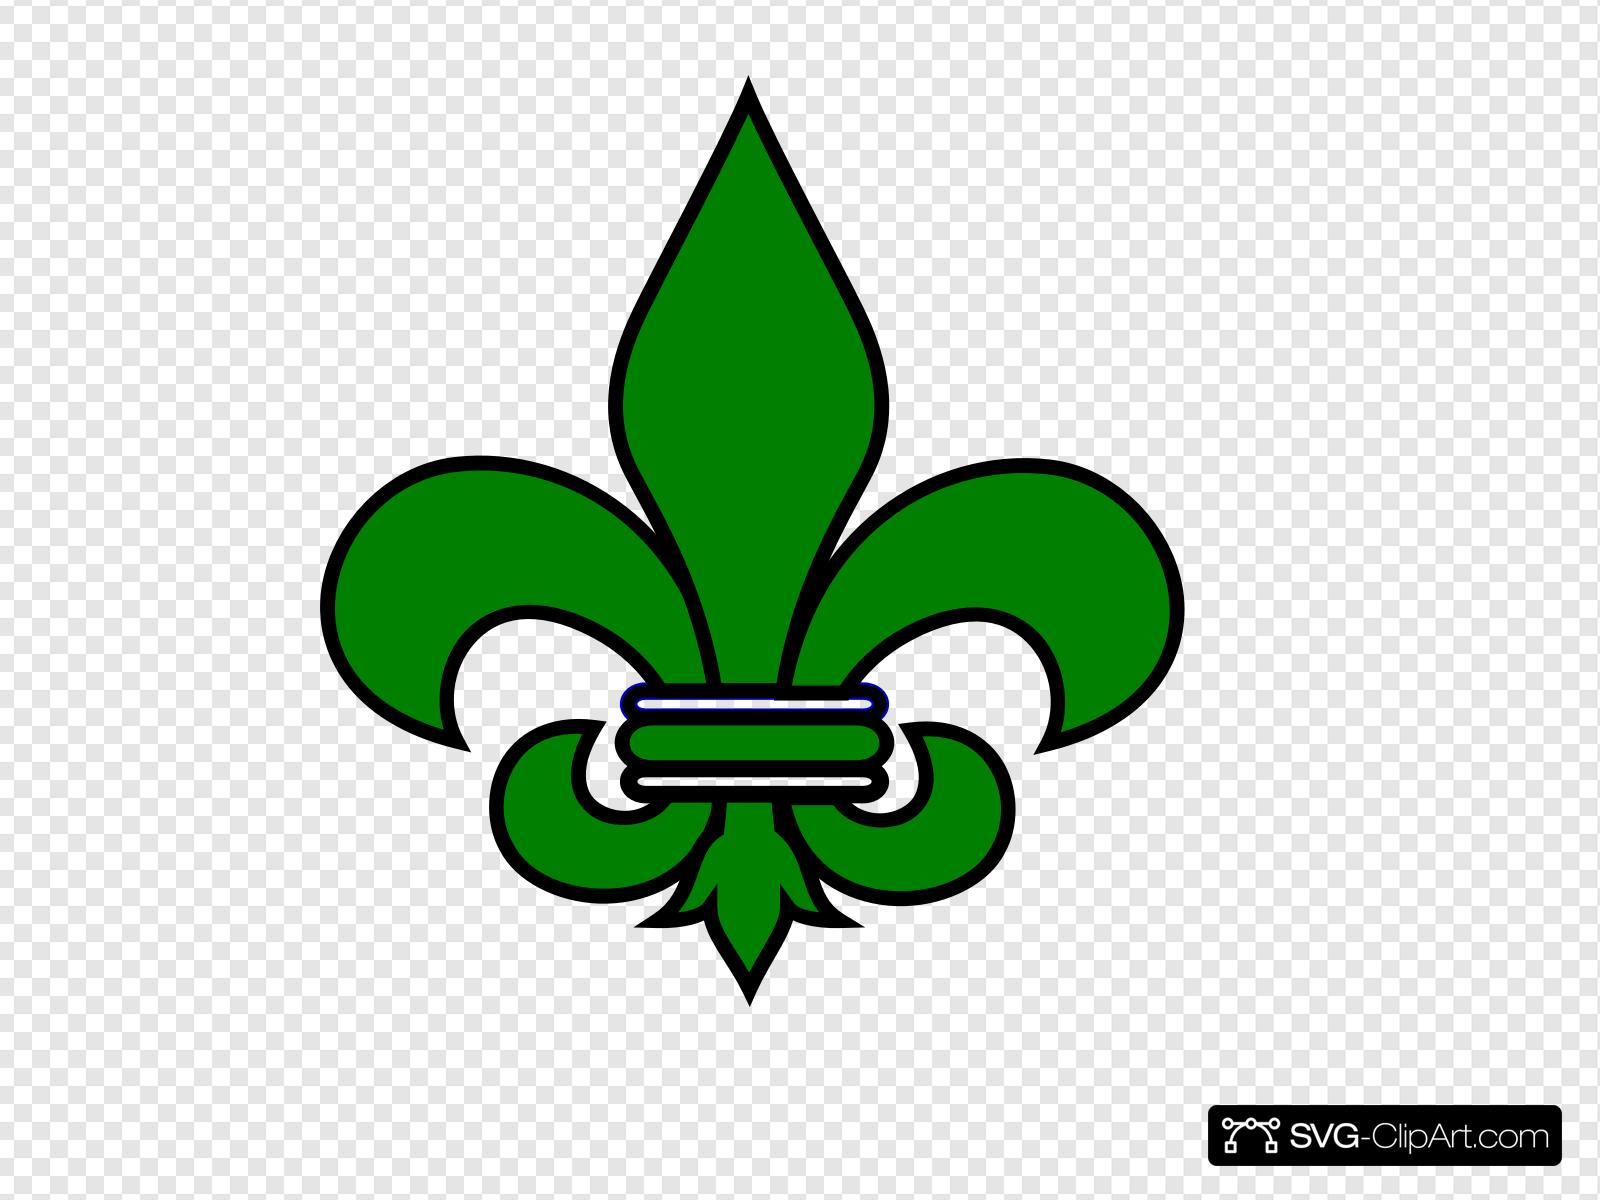 Meri Clip art, Icon and SVG.